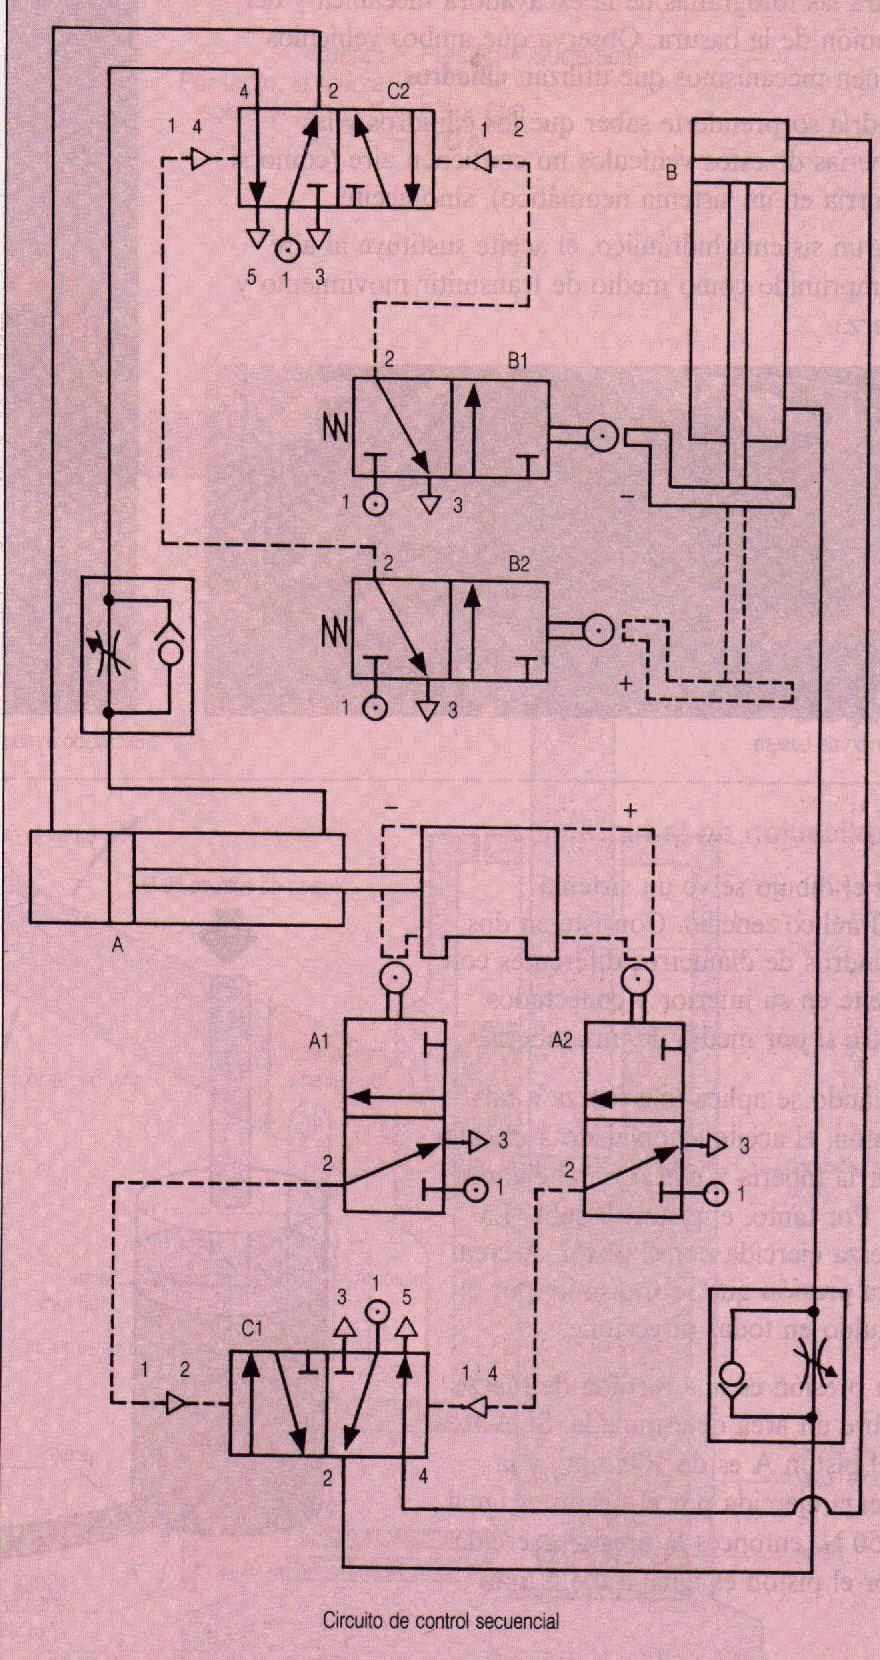 Circuito Neumatico Basico : Neumática básica